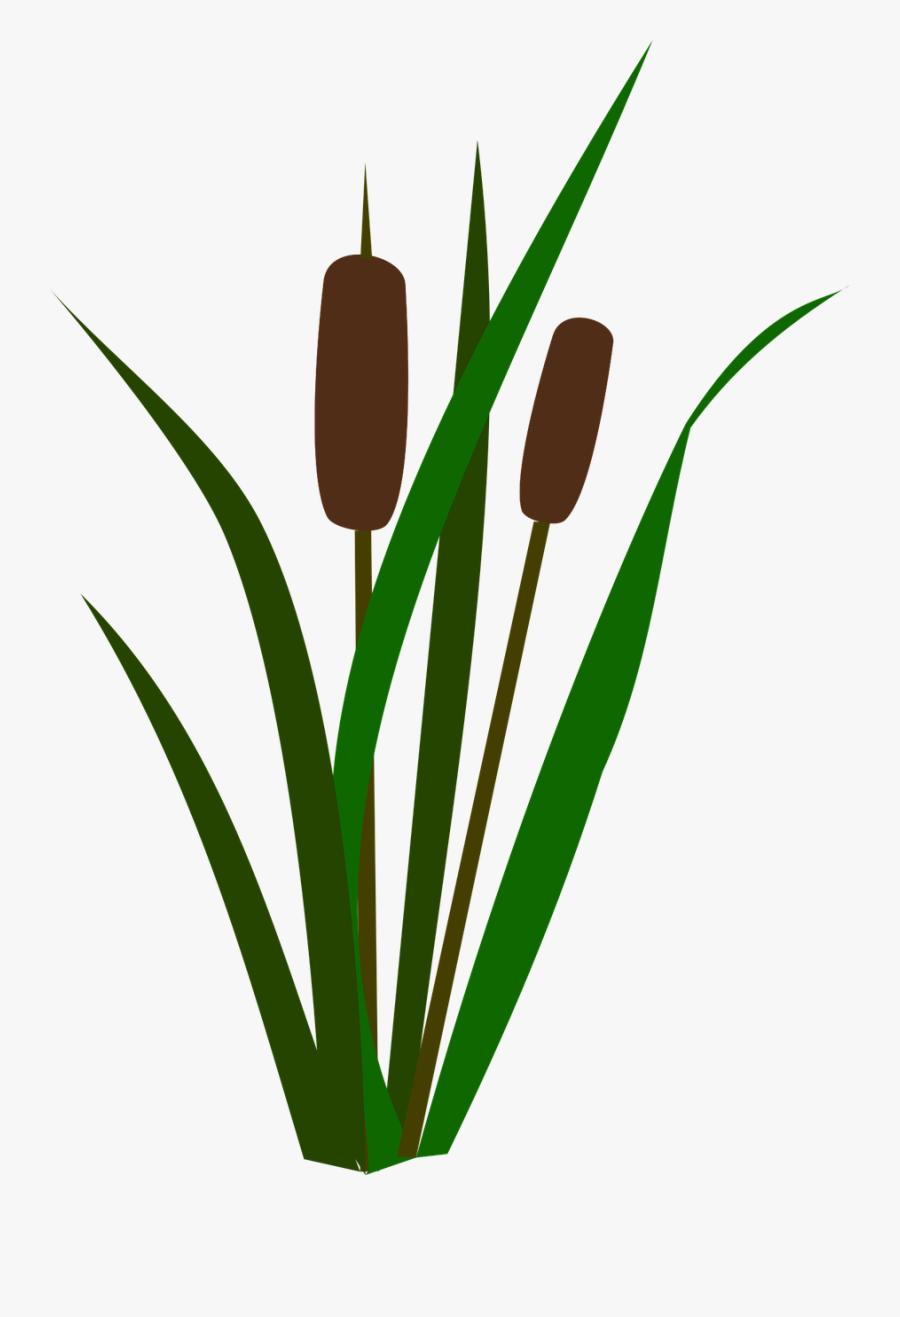 Image result for cattails clipart | Mobile app design, Branding design  logo, Clip art